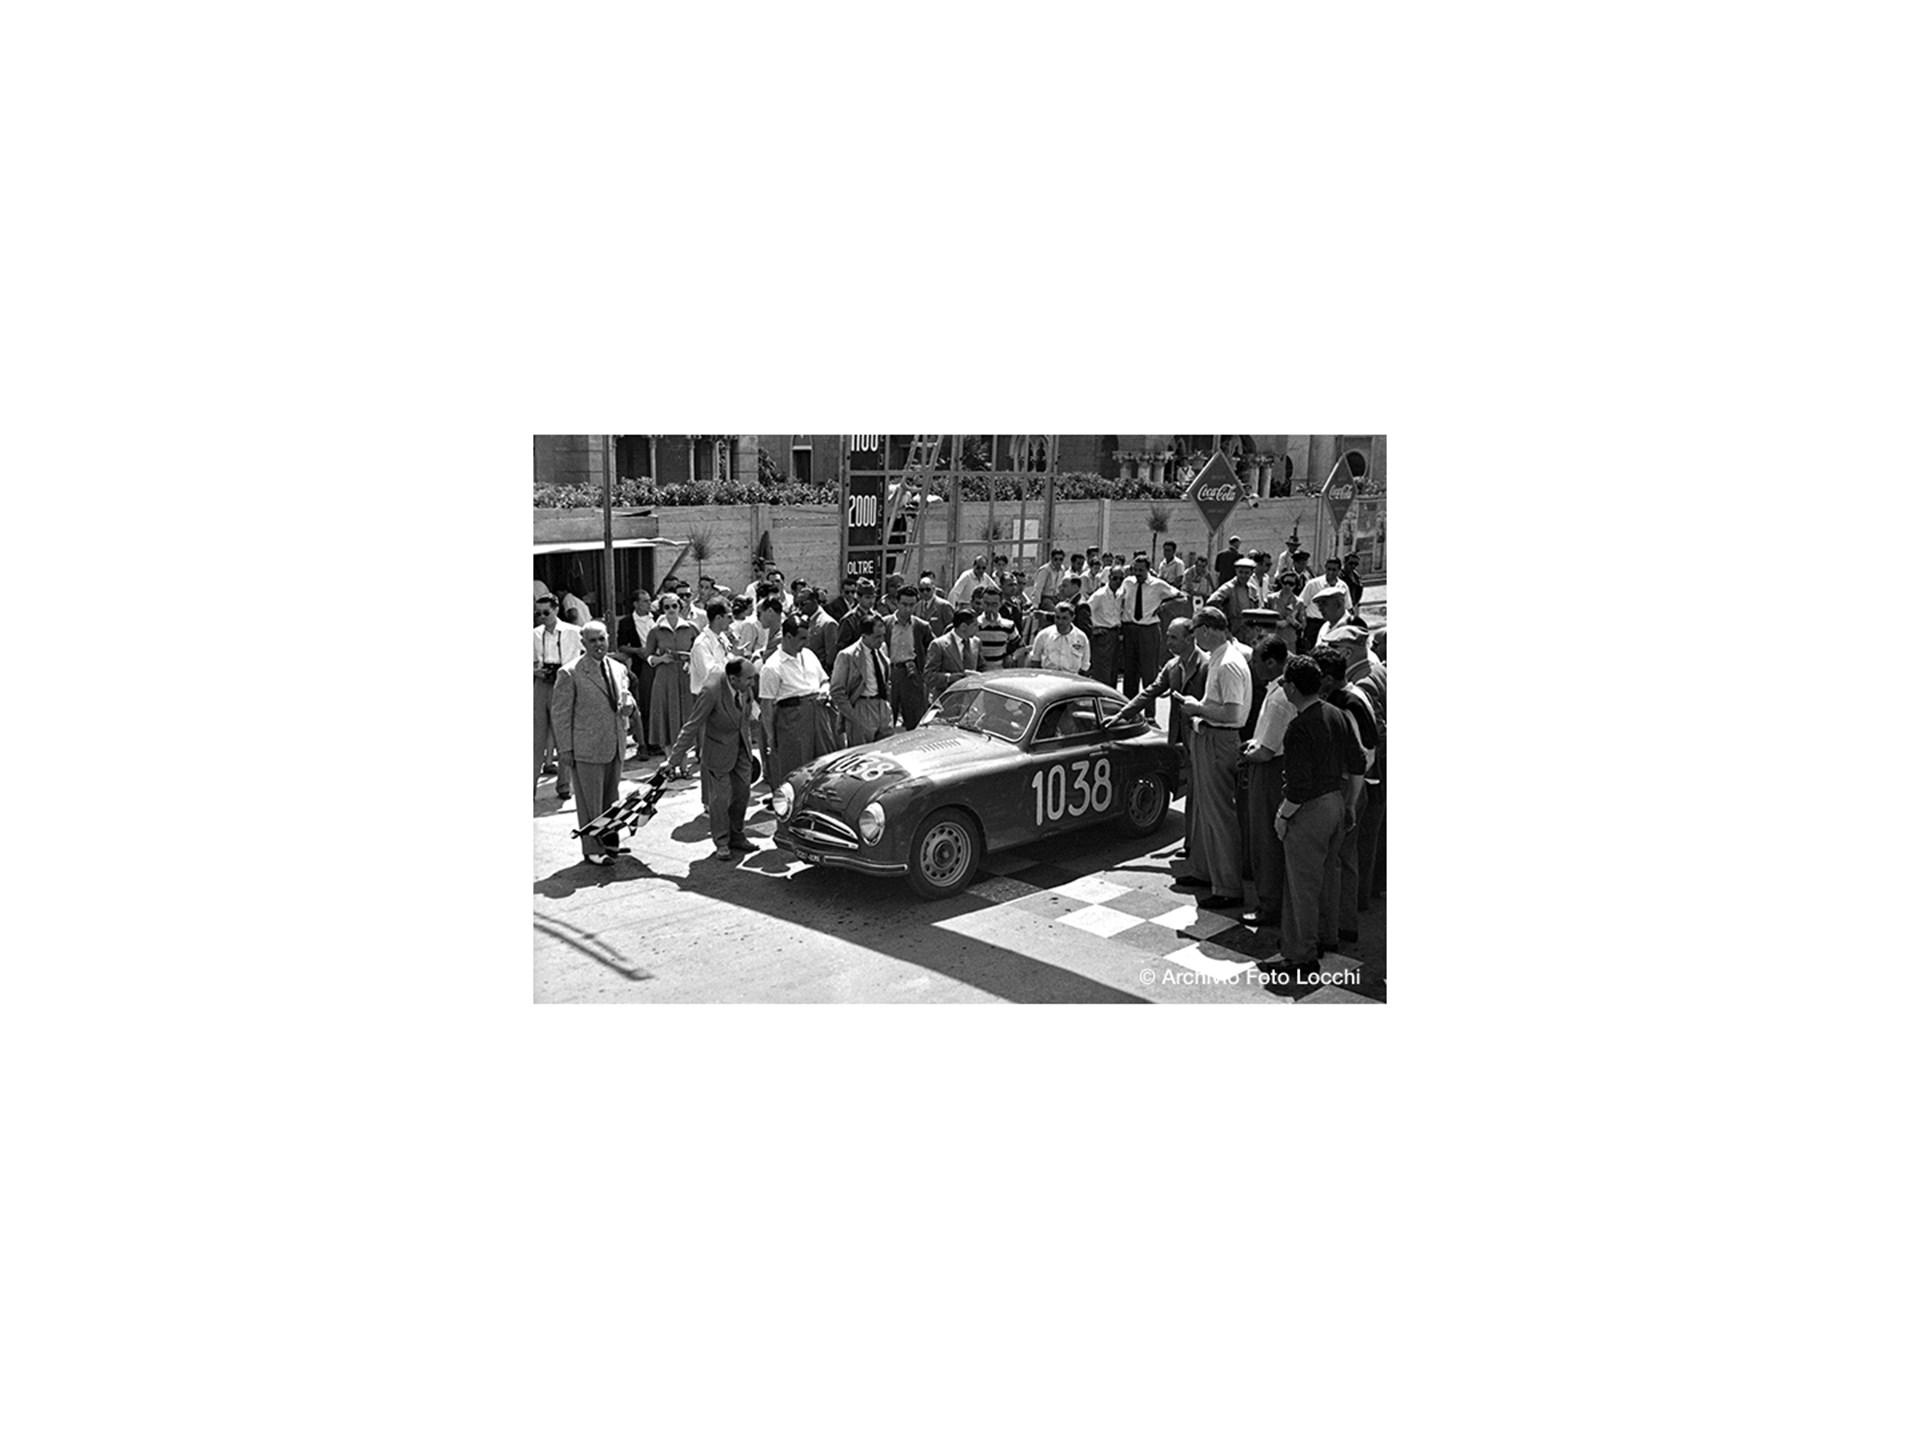 The Fiat-Patriarca at the Coppa della Toscana.